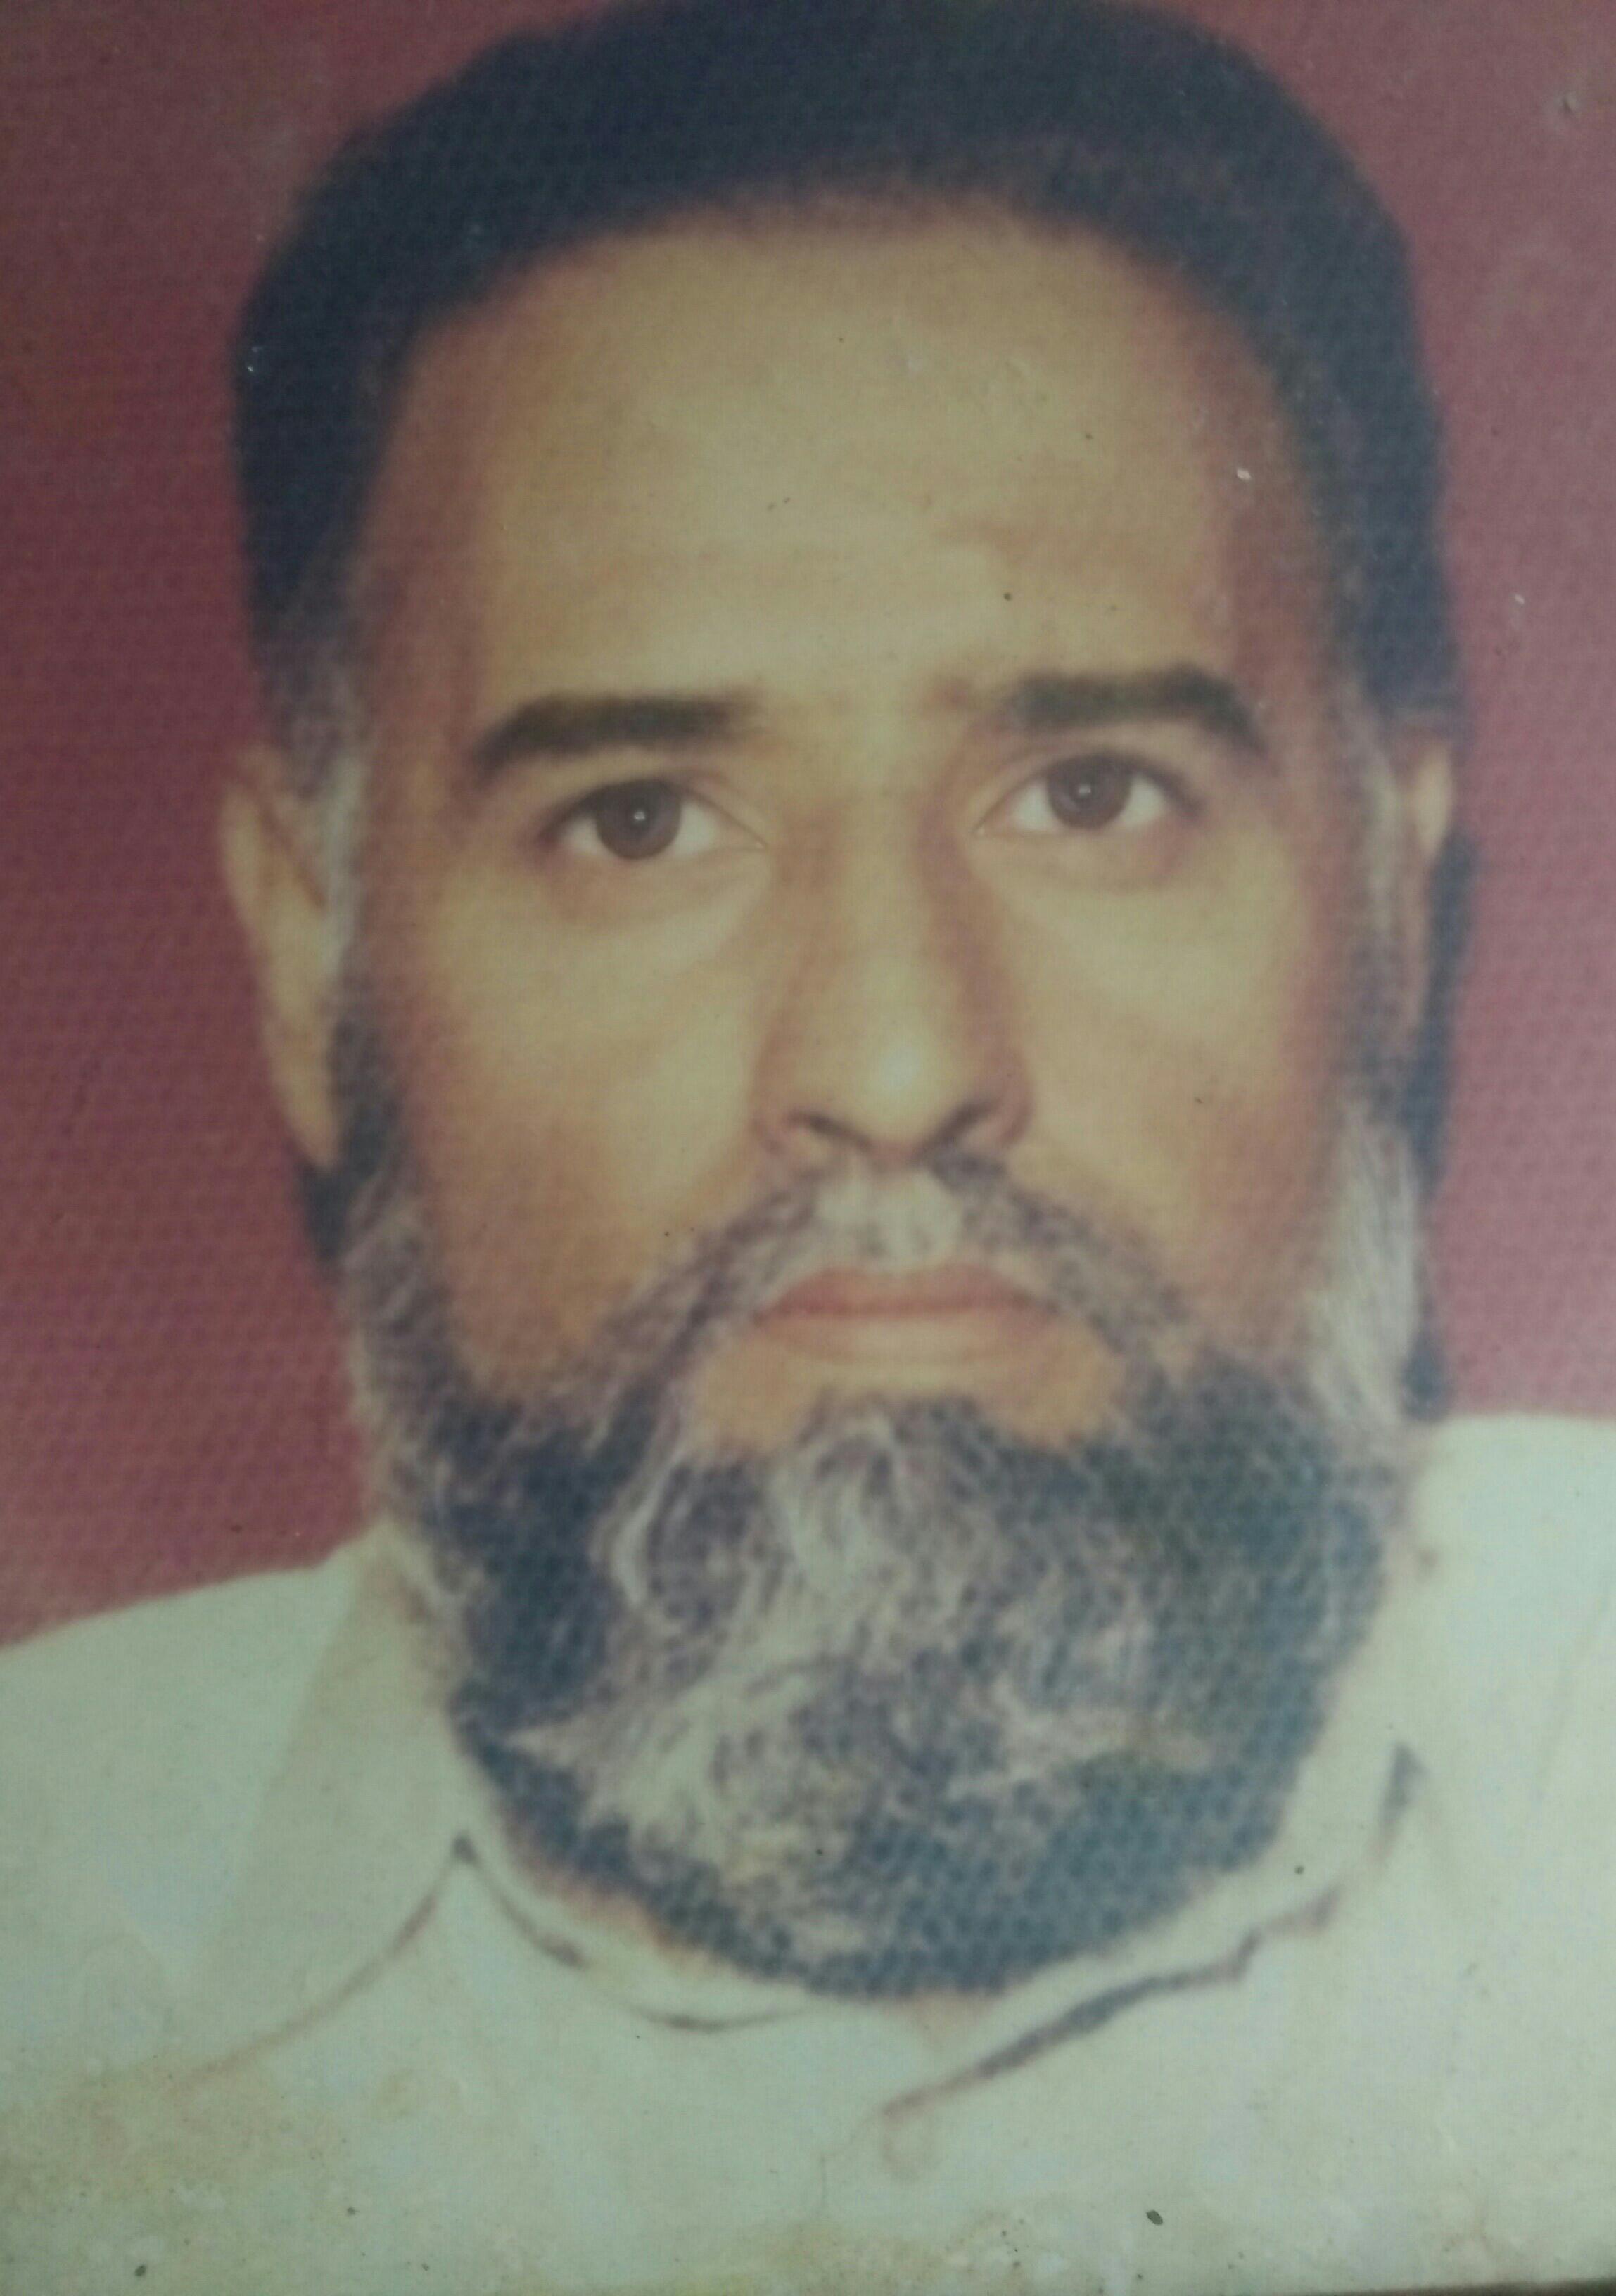 Haji mohammad azad khan